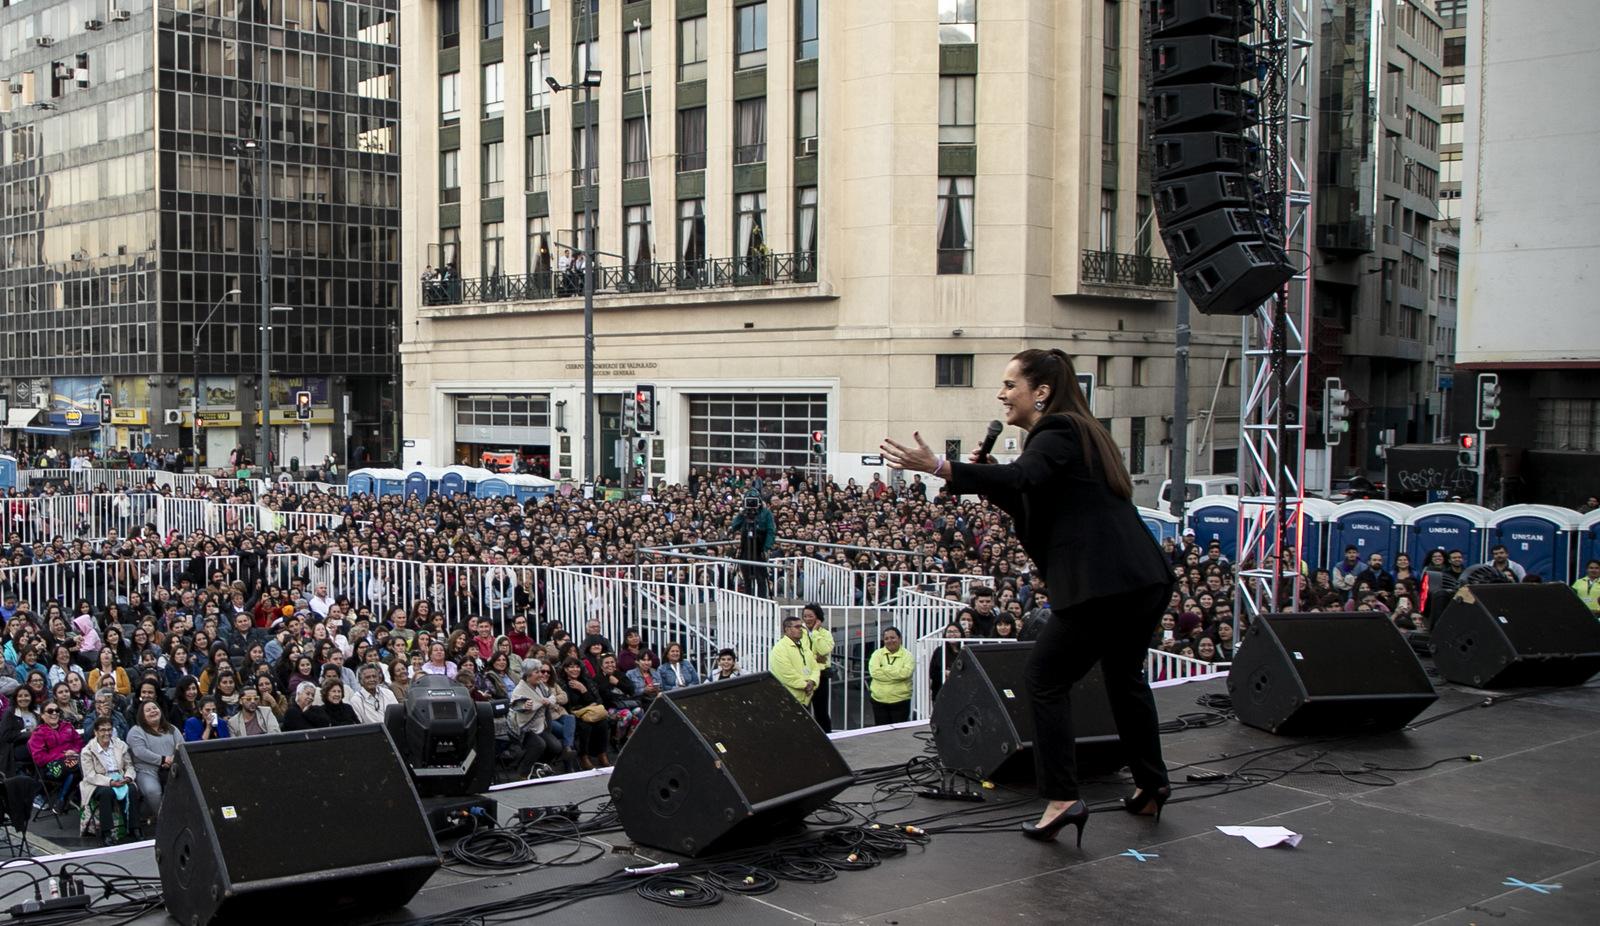 Valparaíso: Cinco mil personas en acto ciudadano por el Mes de las Mujeres en Plaza Sotomayor